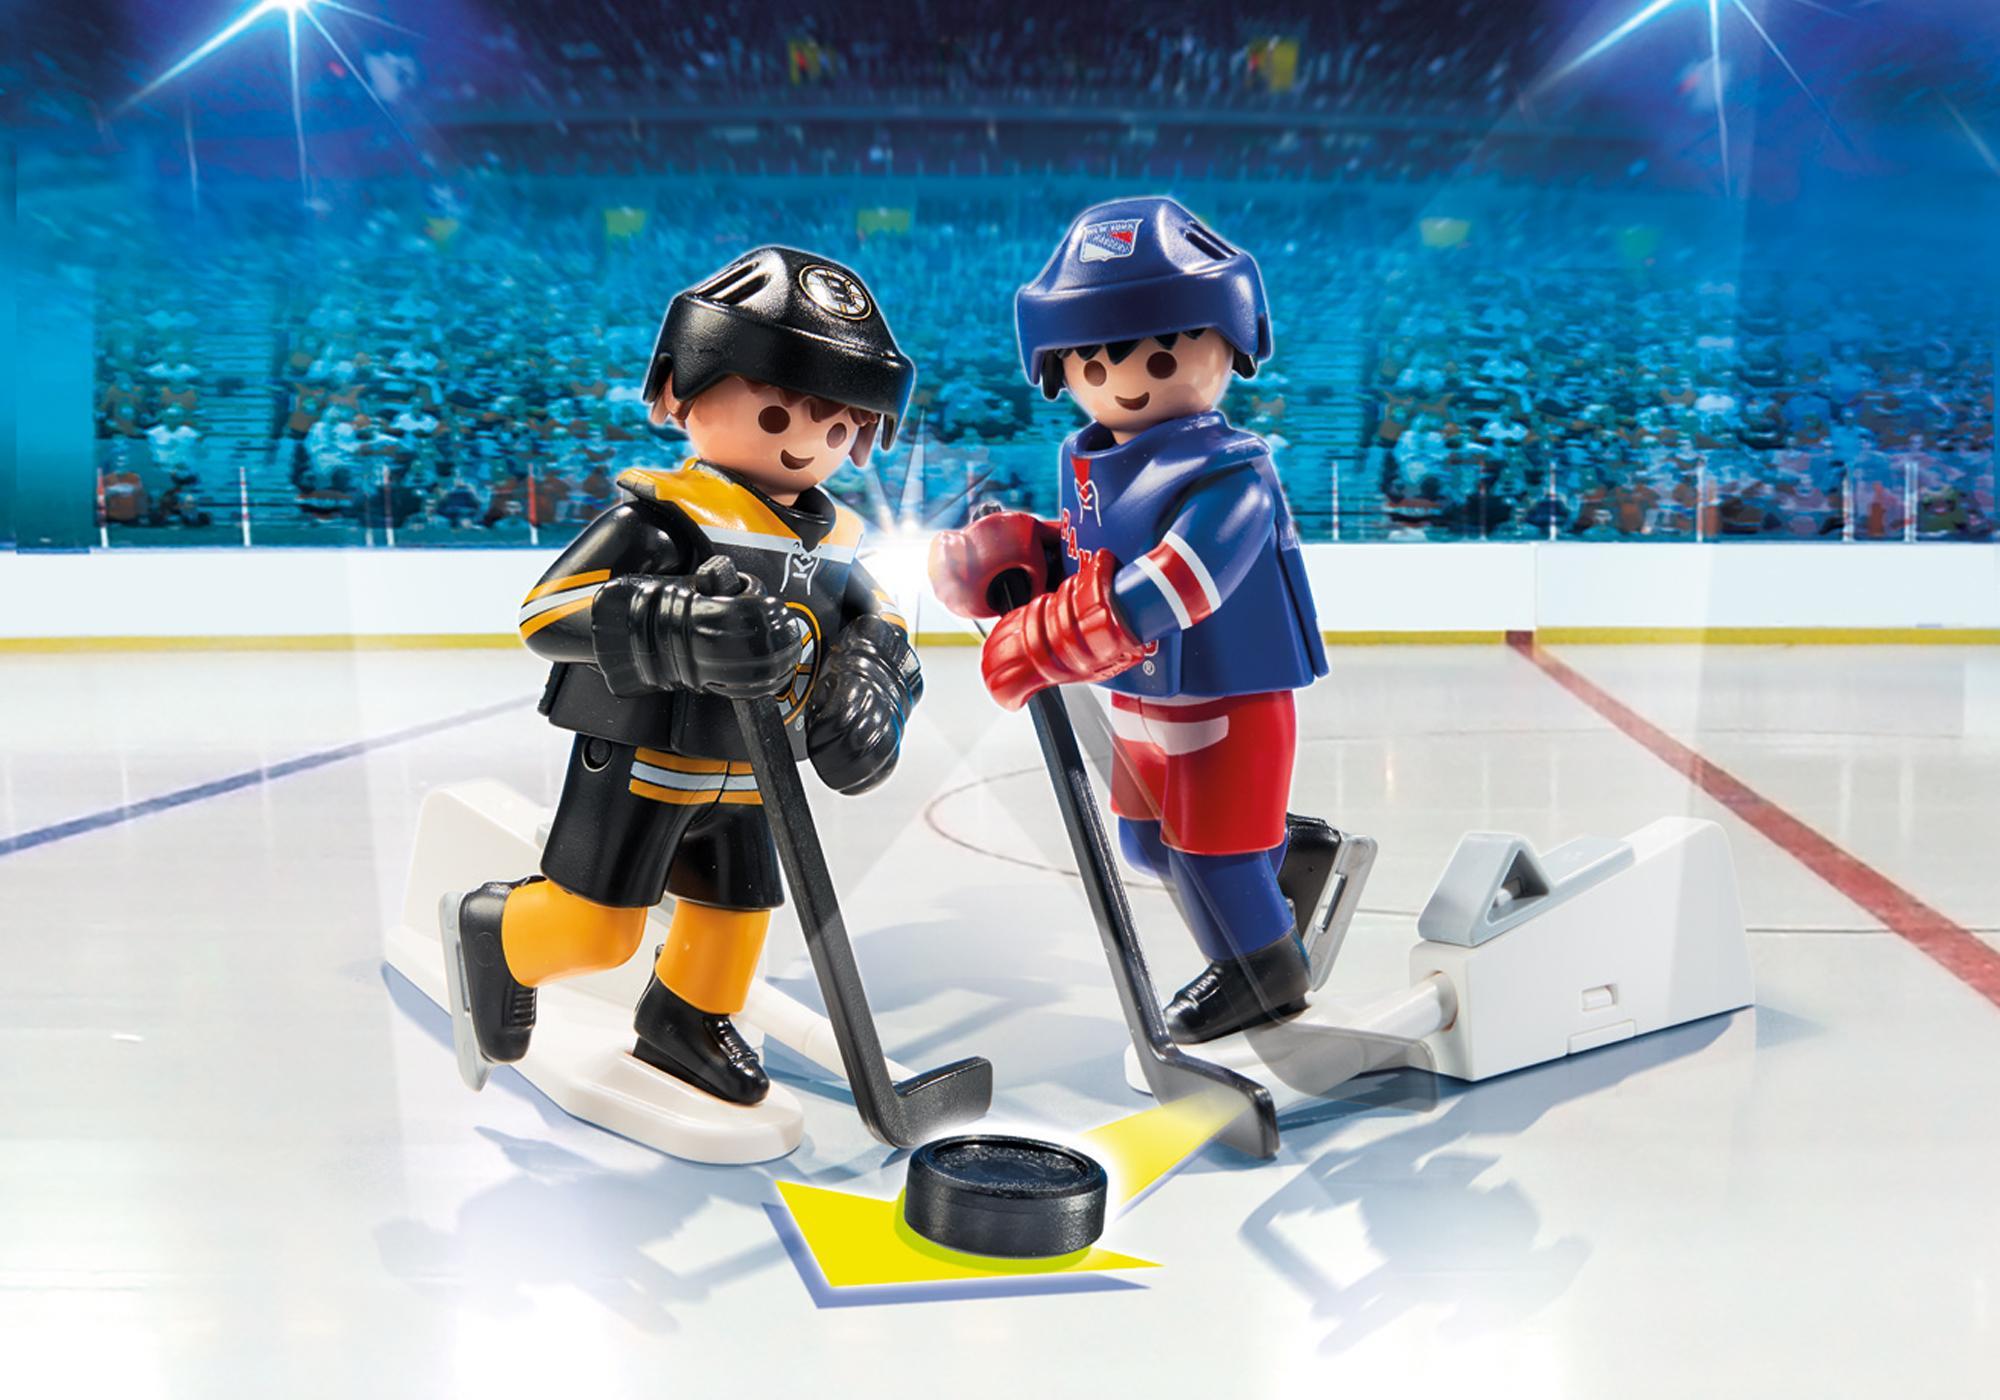 http://media.playmobil.com/i/playmobil/9012_product_detail/NHL™ Blister Boston Bruins™ vs New York Rangers™